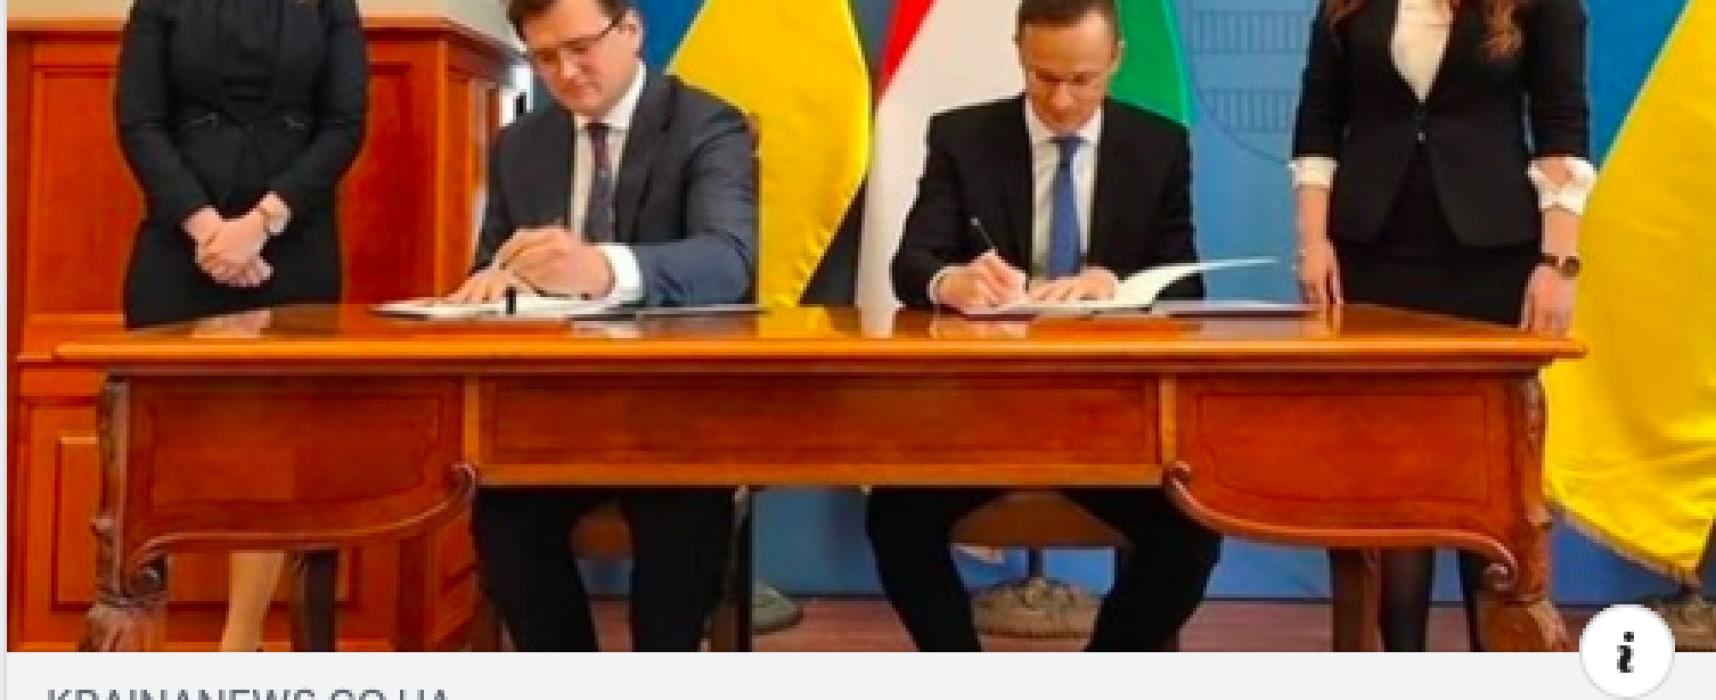 Falso: Ucrania entregó parte de su territorio a Hungría